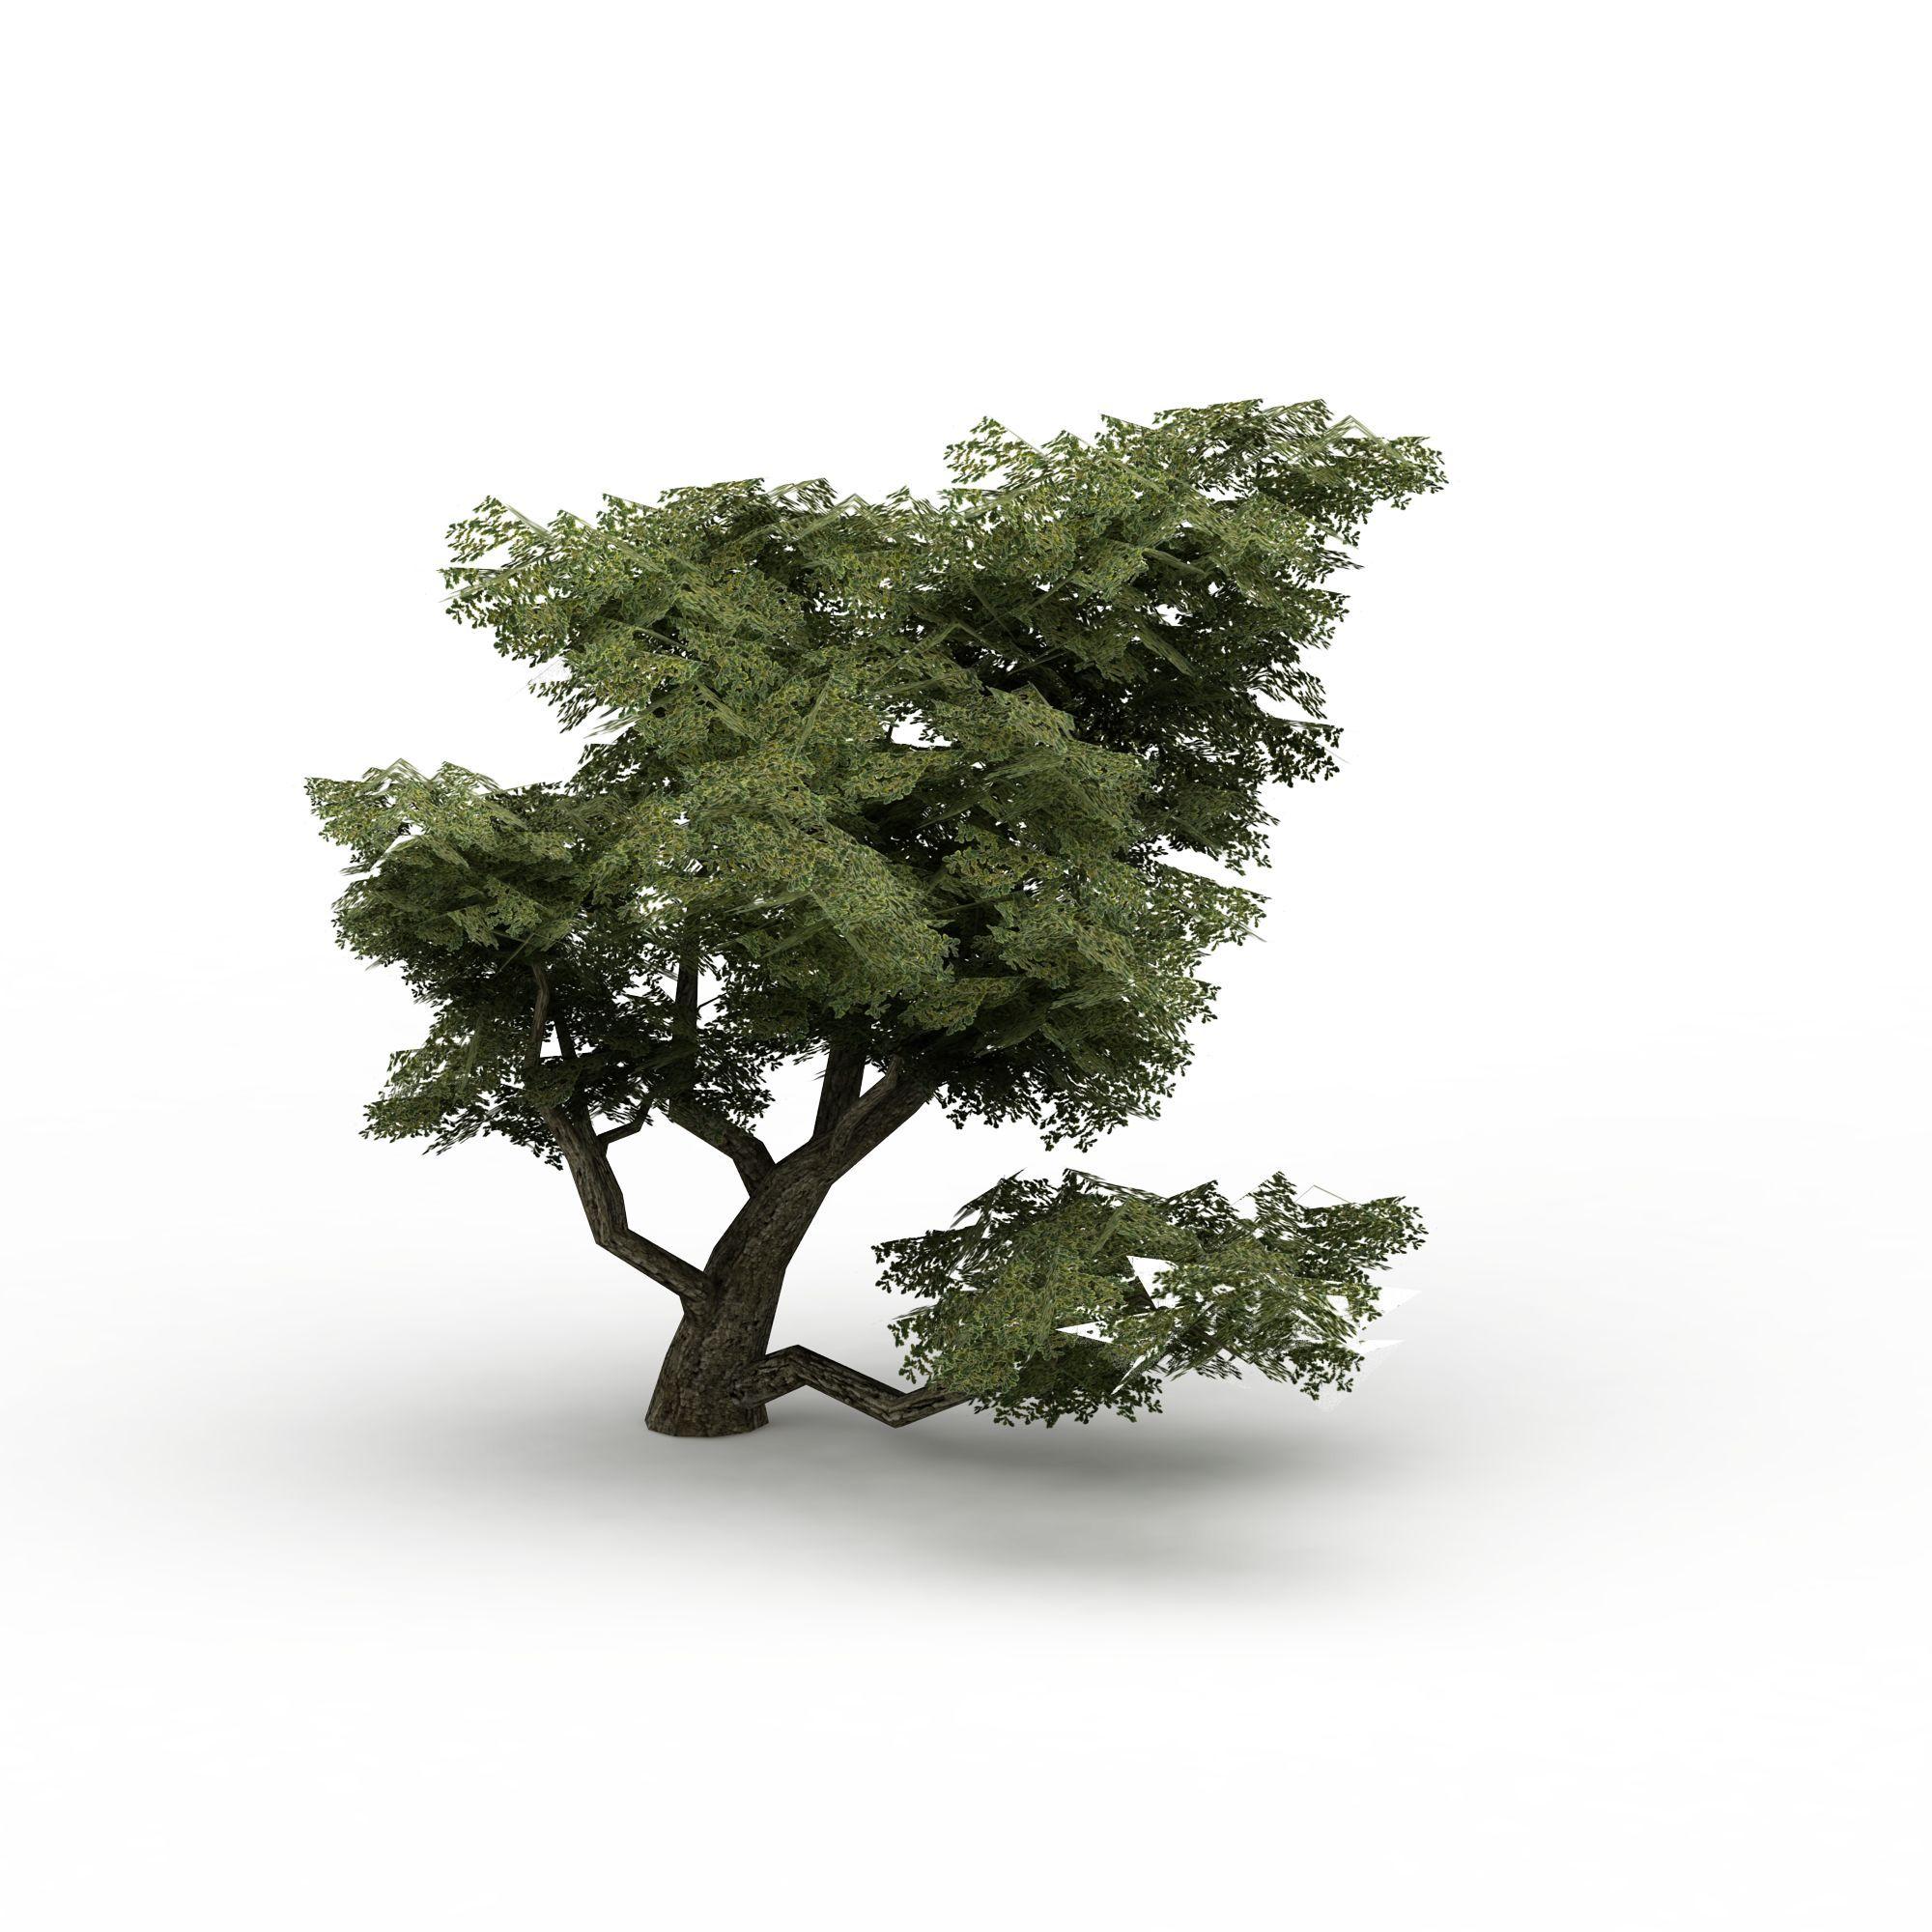 关键词:公园装饰树3d模型树3d模型松树3d模型 相关图片素材下载